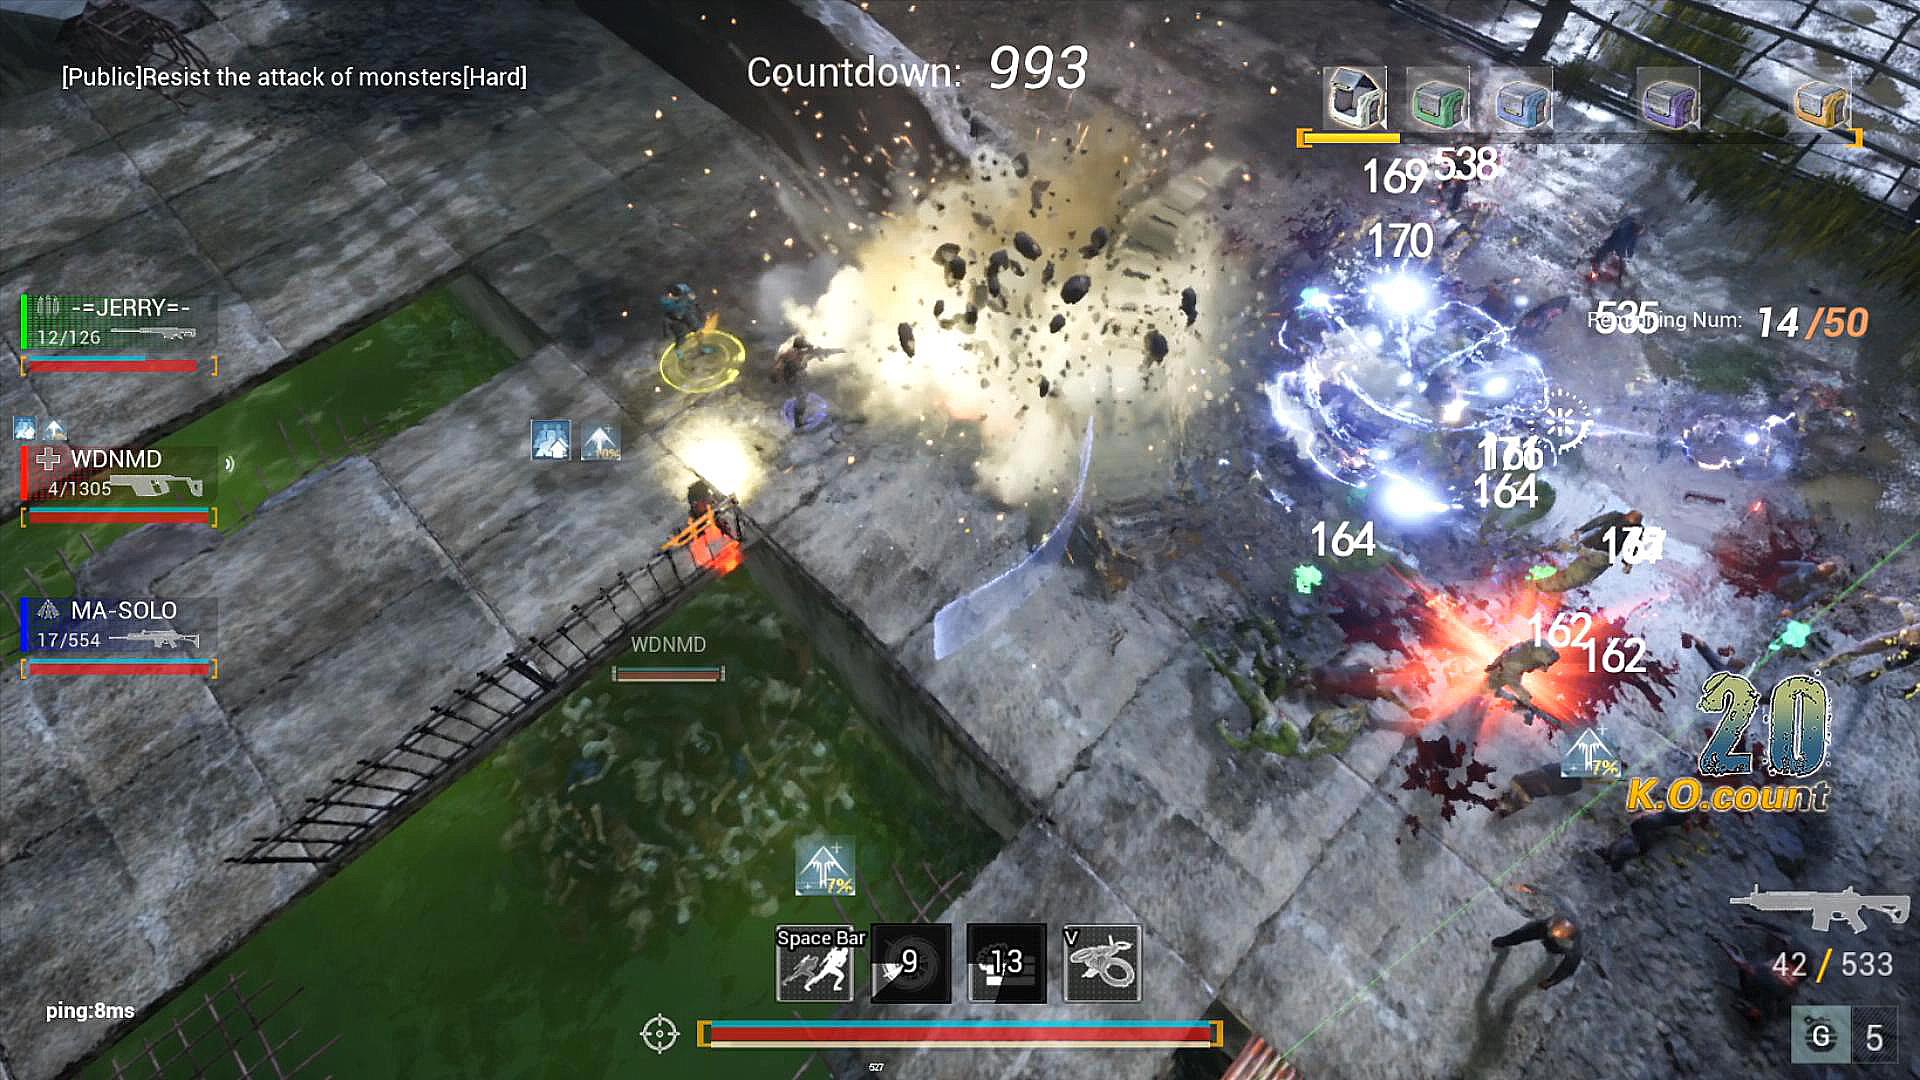 独立俯视角射击游戏《Z字特遣队》更新路线图曝光,将开启限免活动